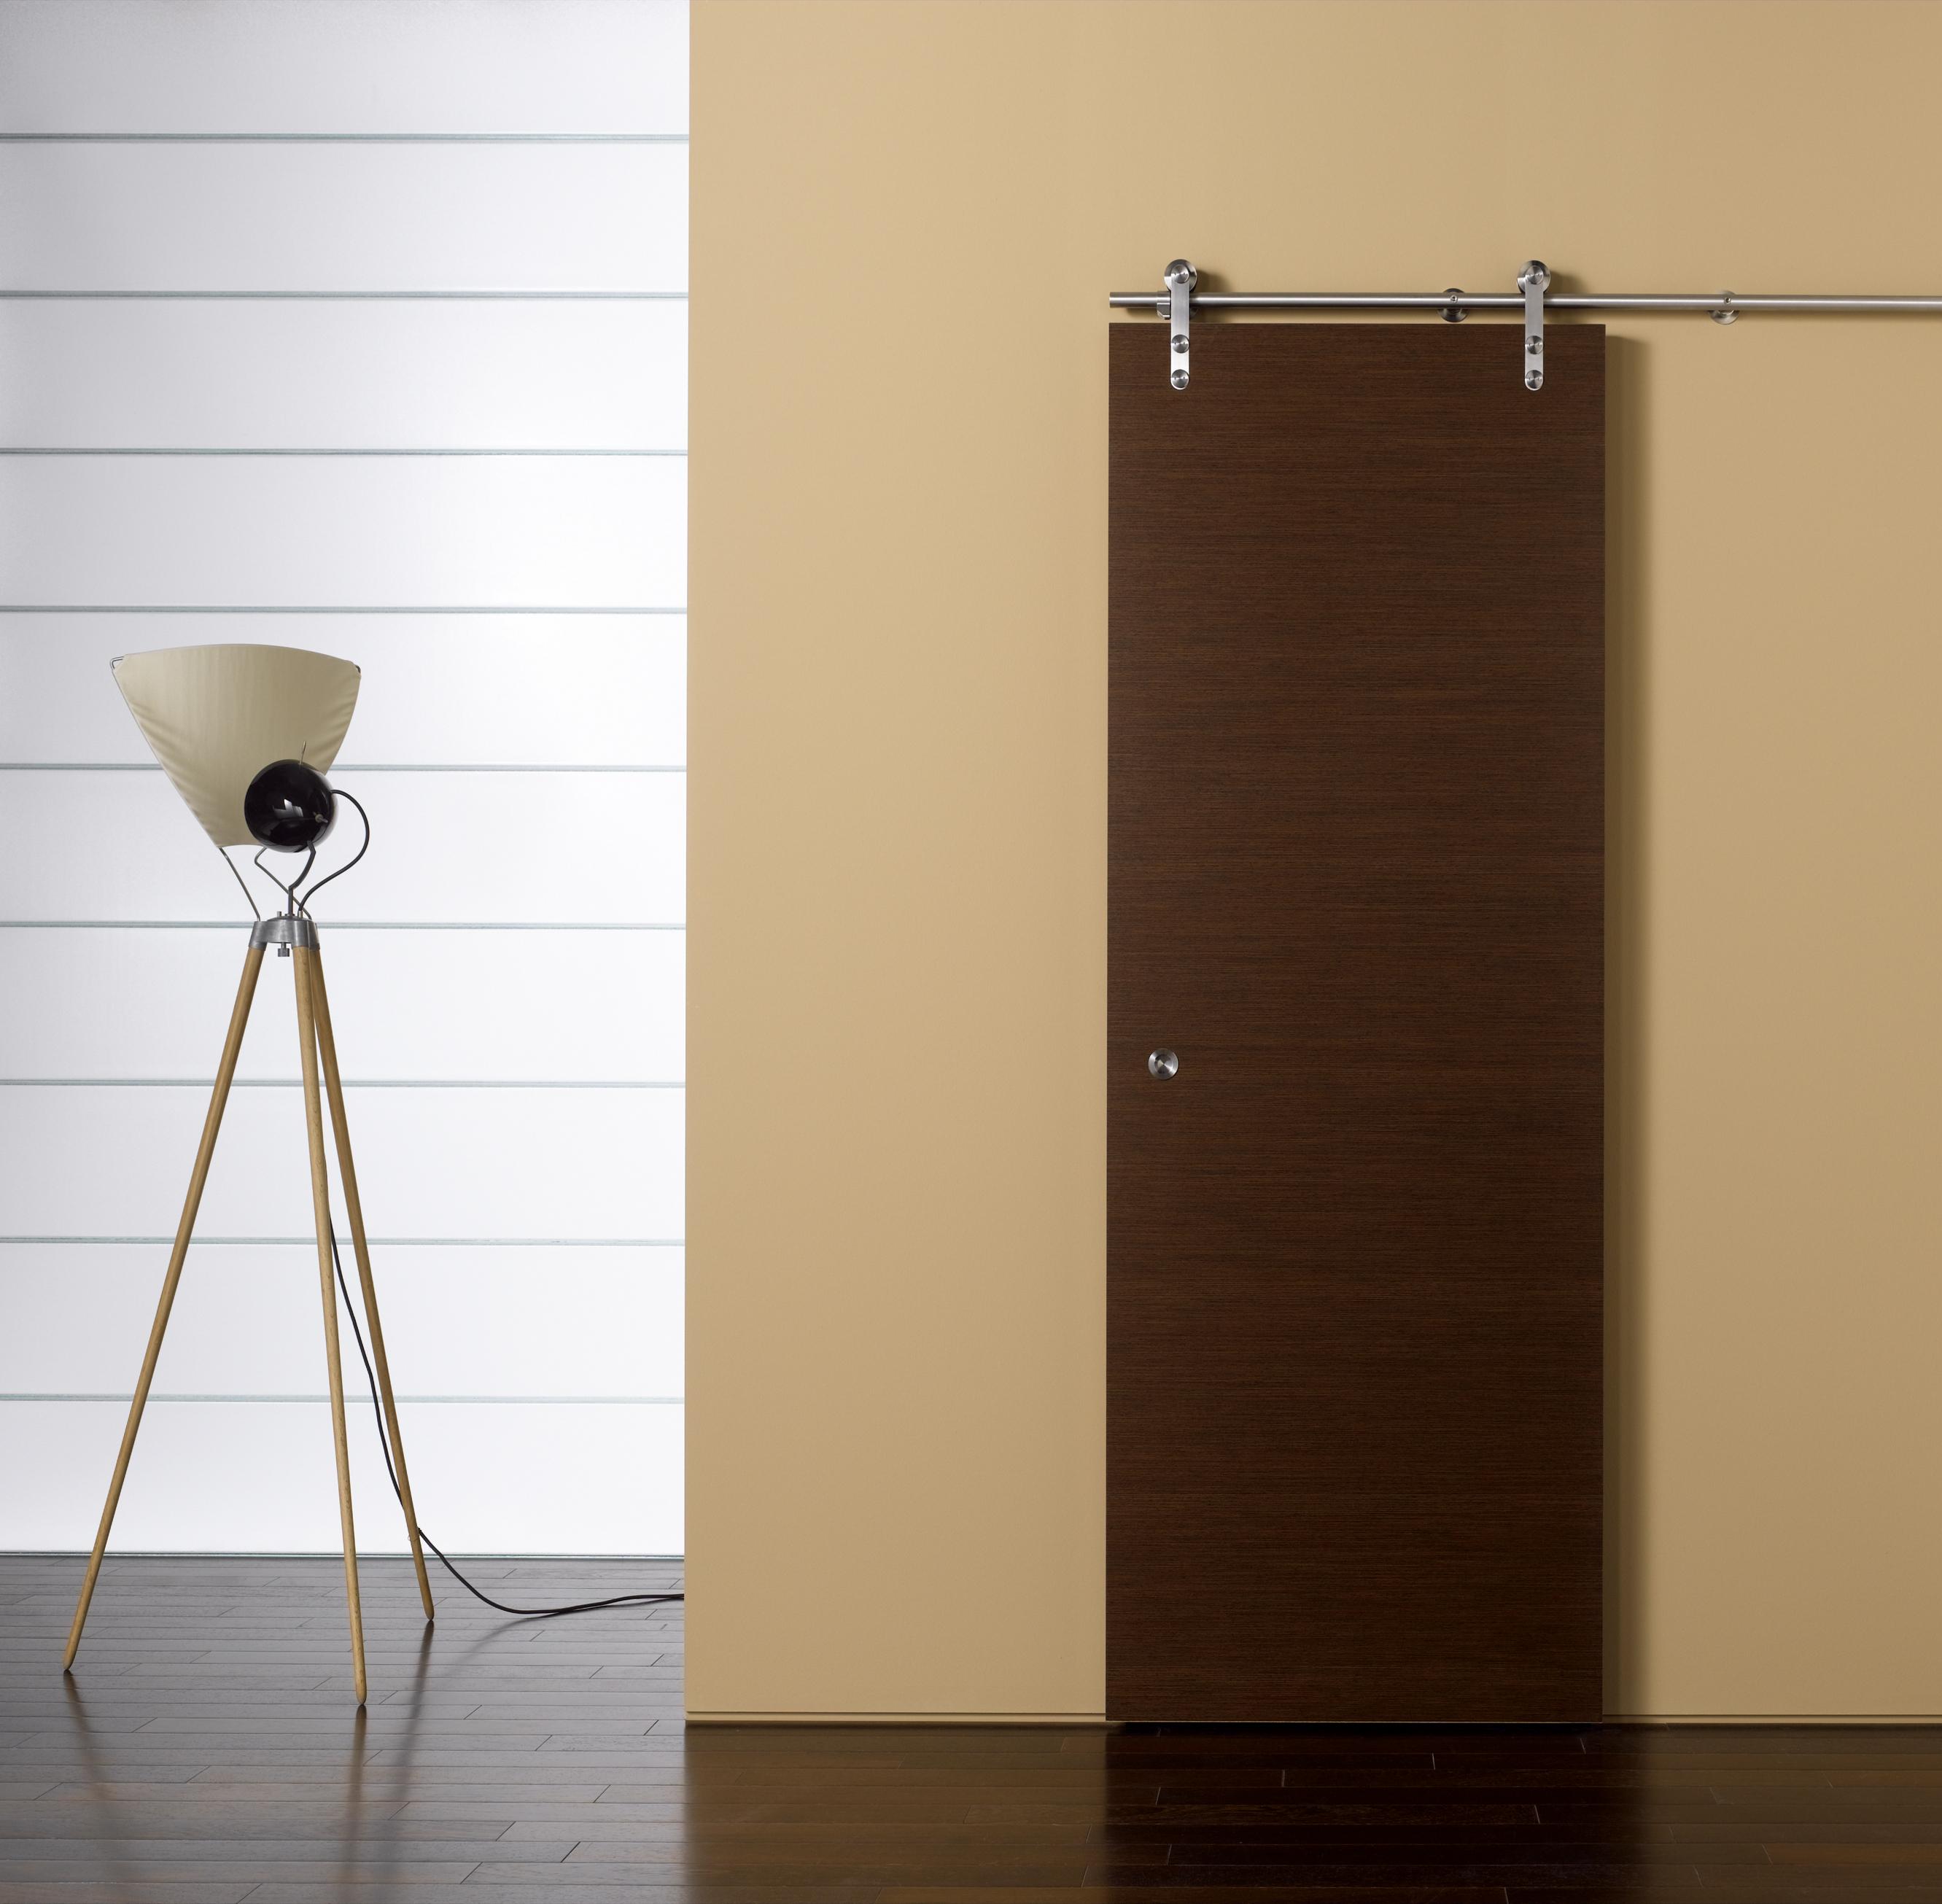 Türen Streichen With Furnierte Türen Richtig Reinigen Und Pflegen Also  From Tuerenwechsel.de